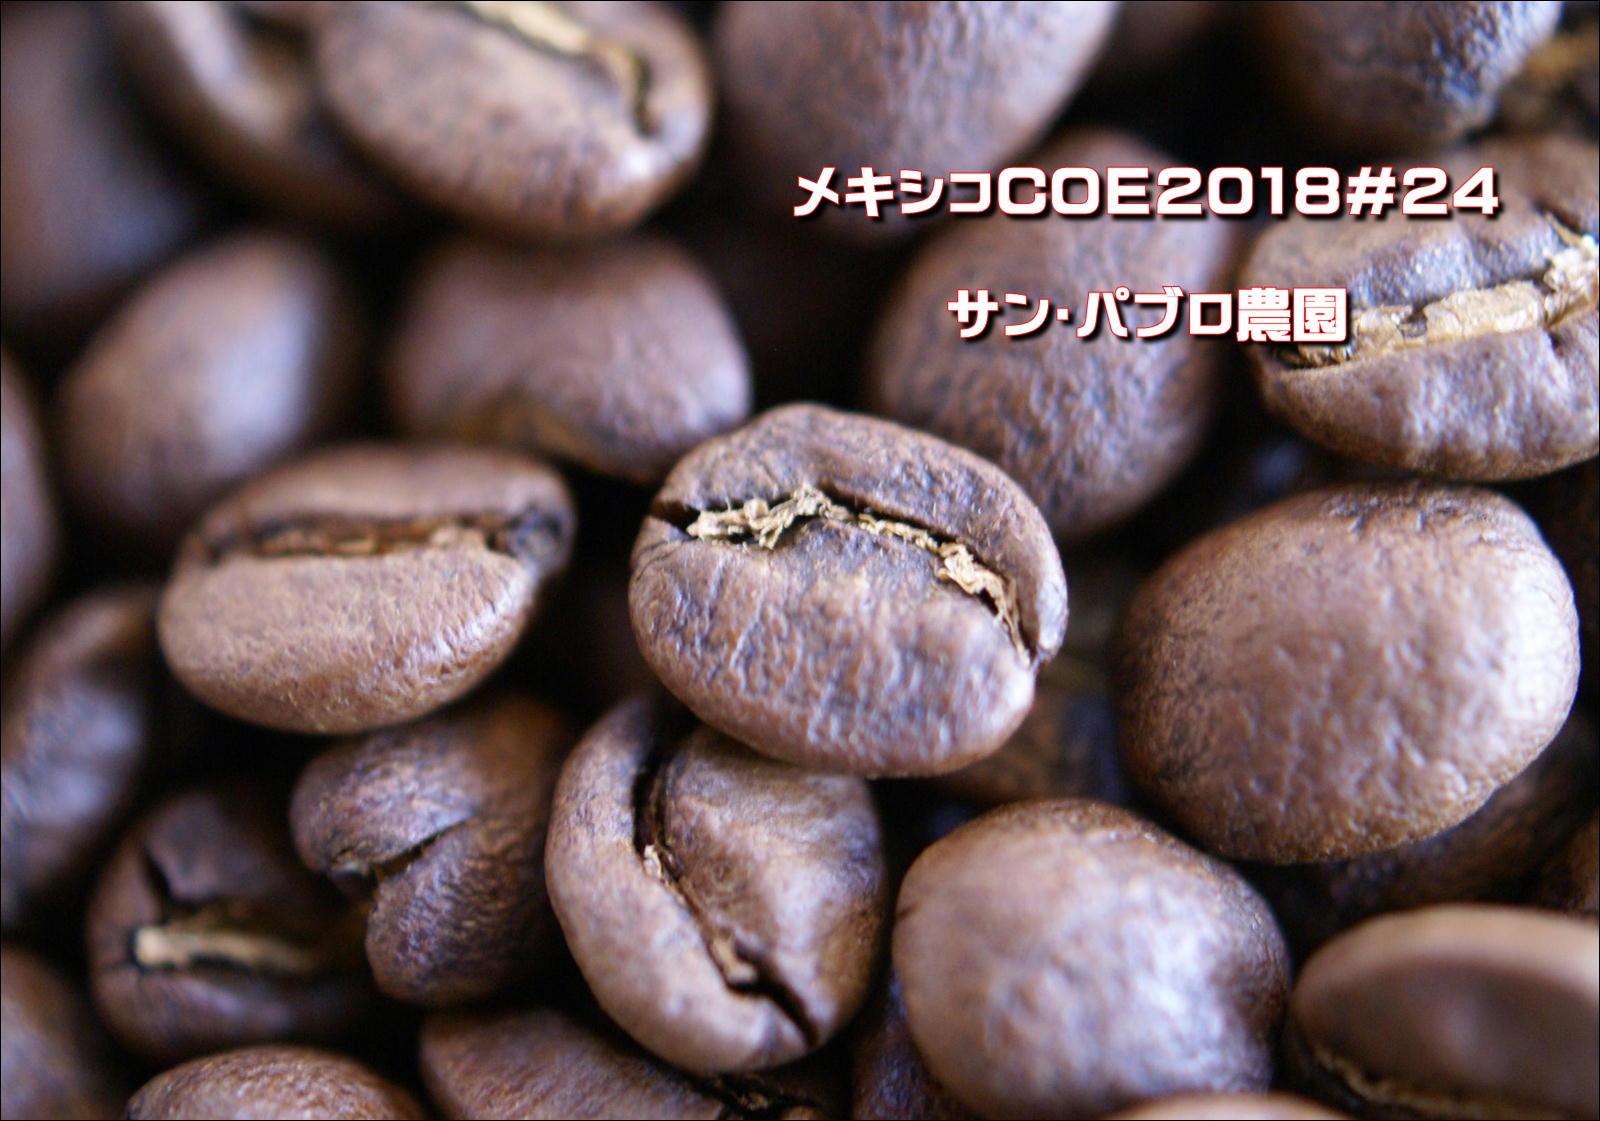 メキシコCOE2018豆